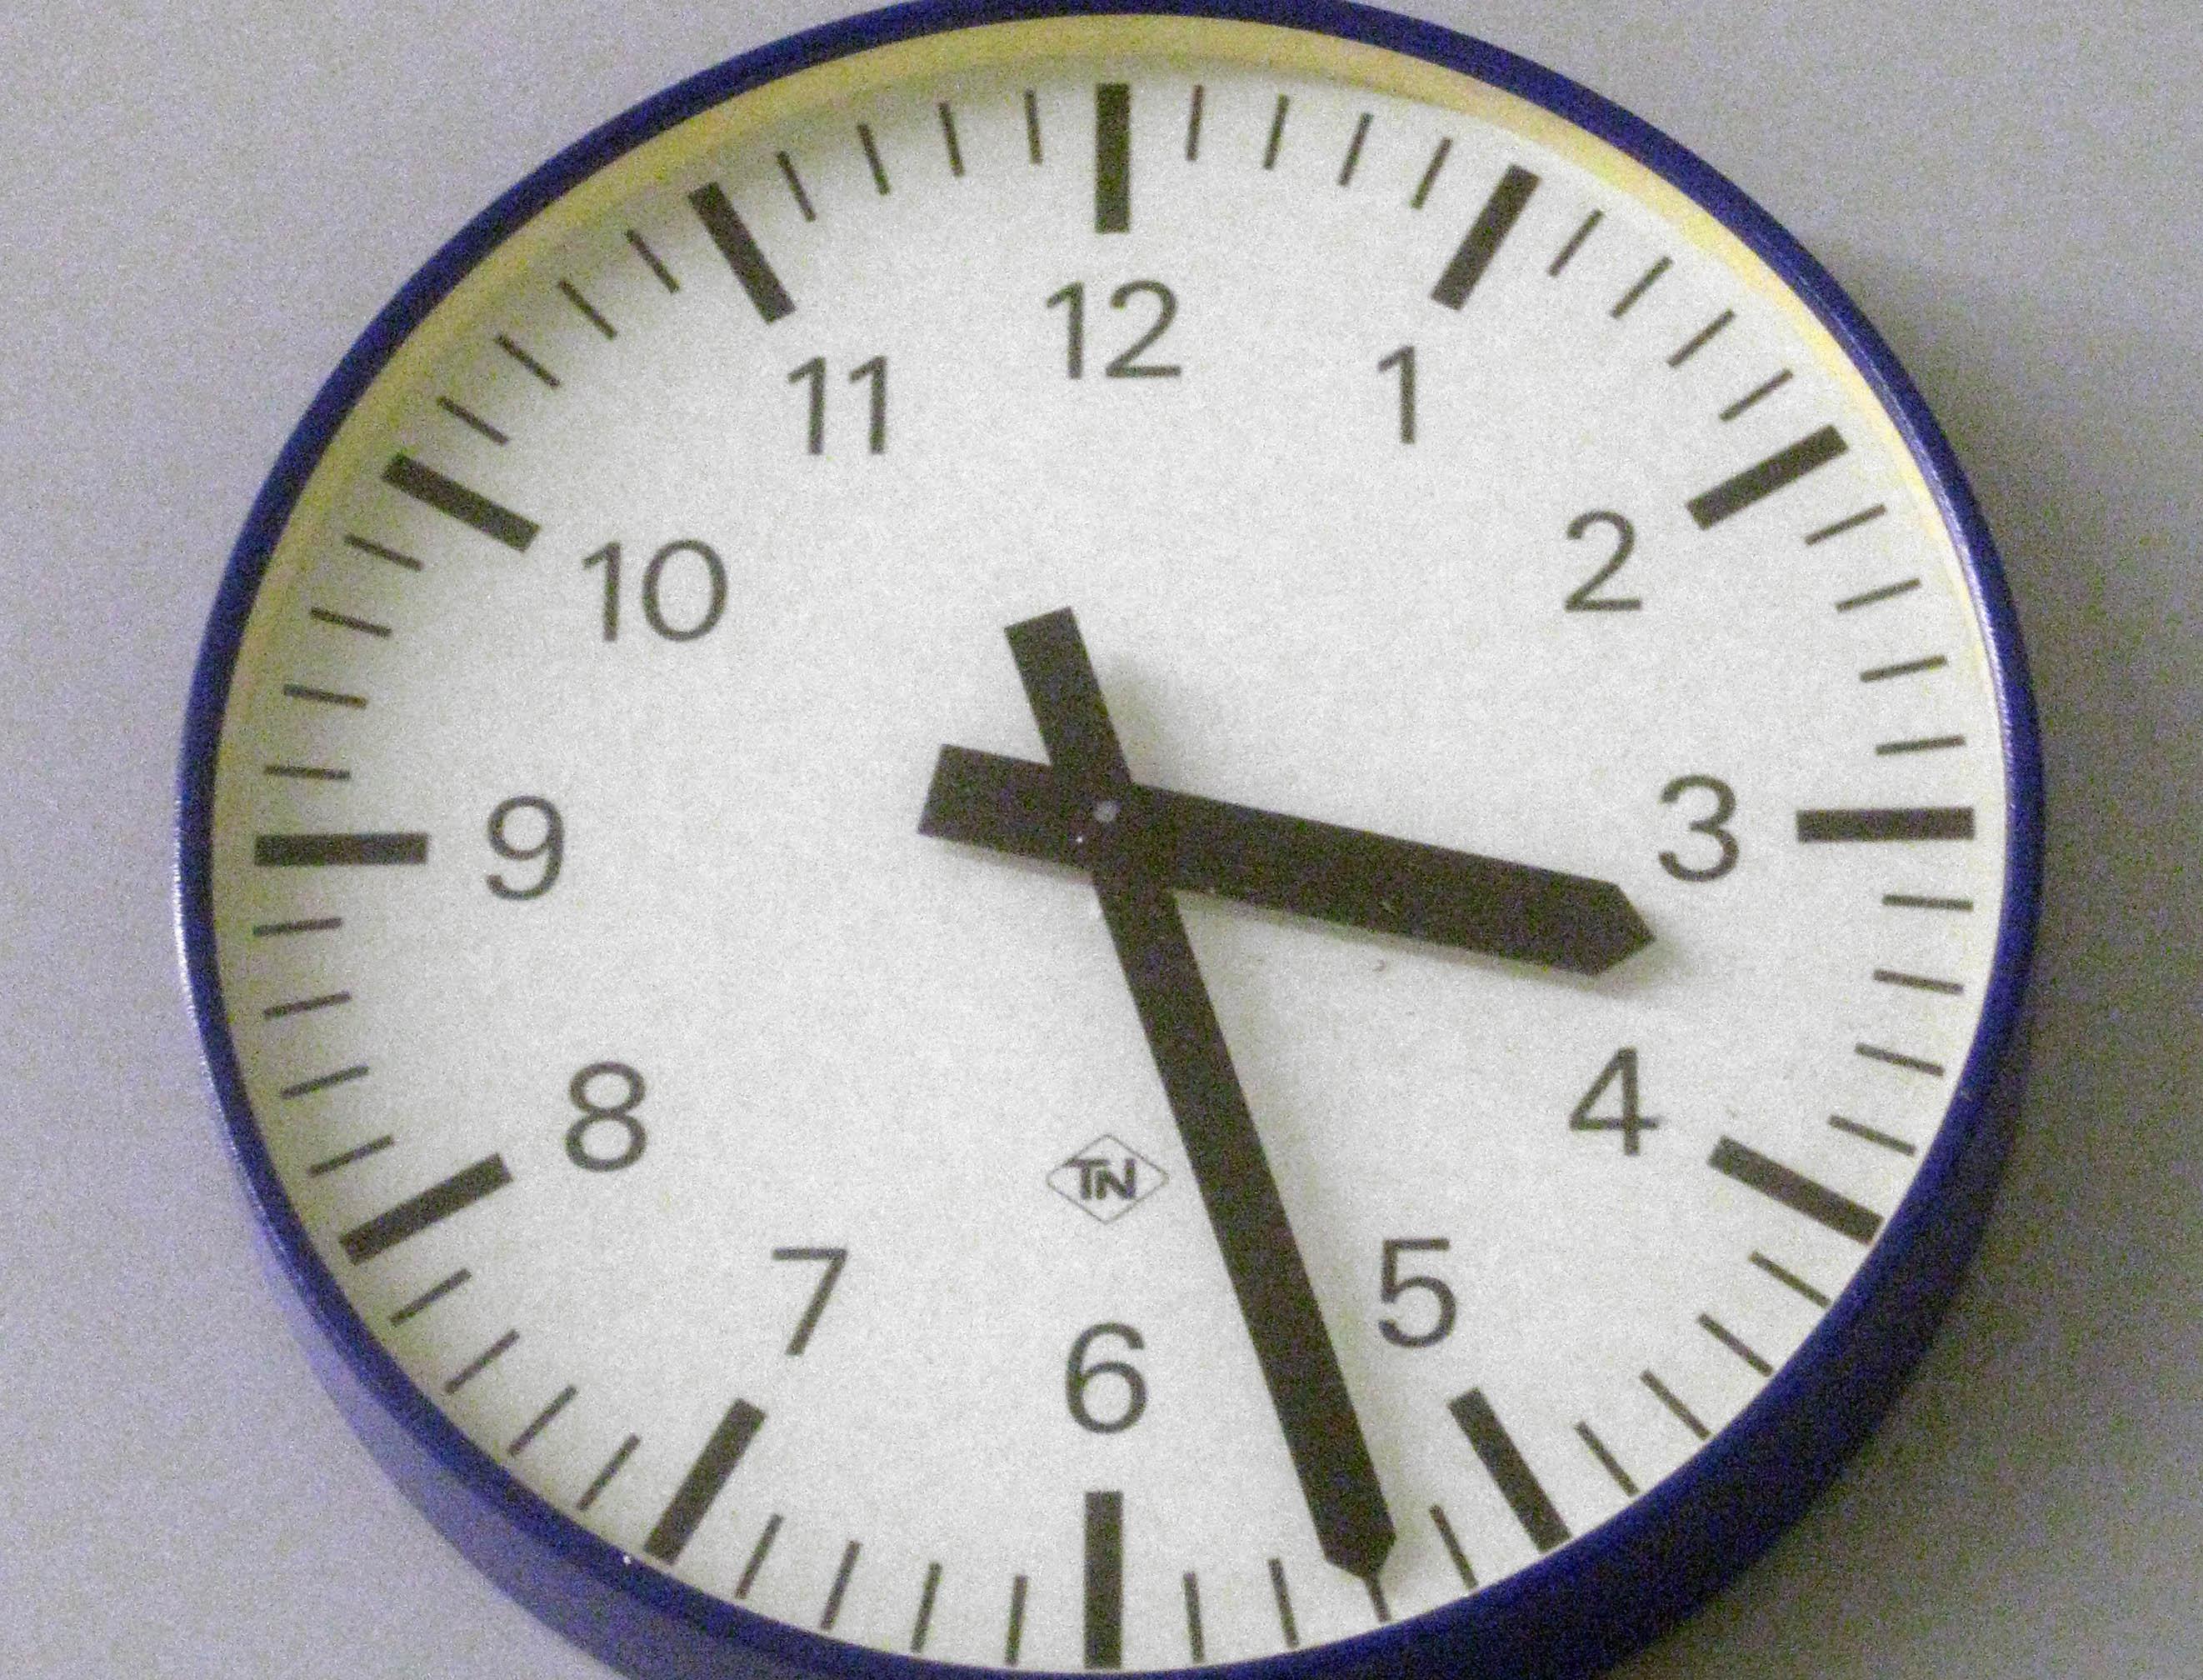 Uhr um 15:27 Uhr